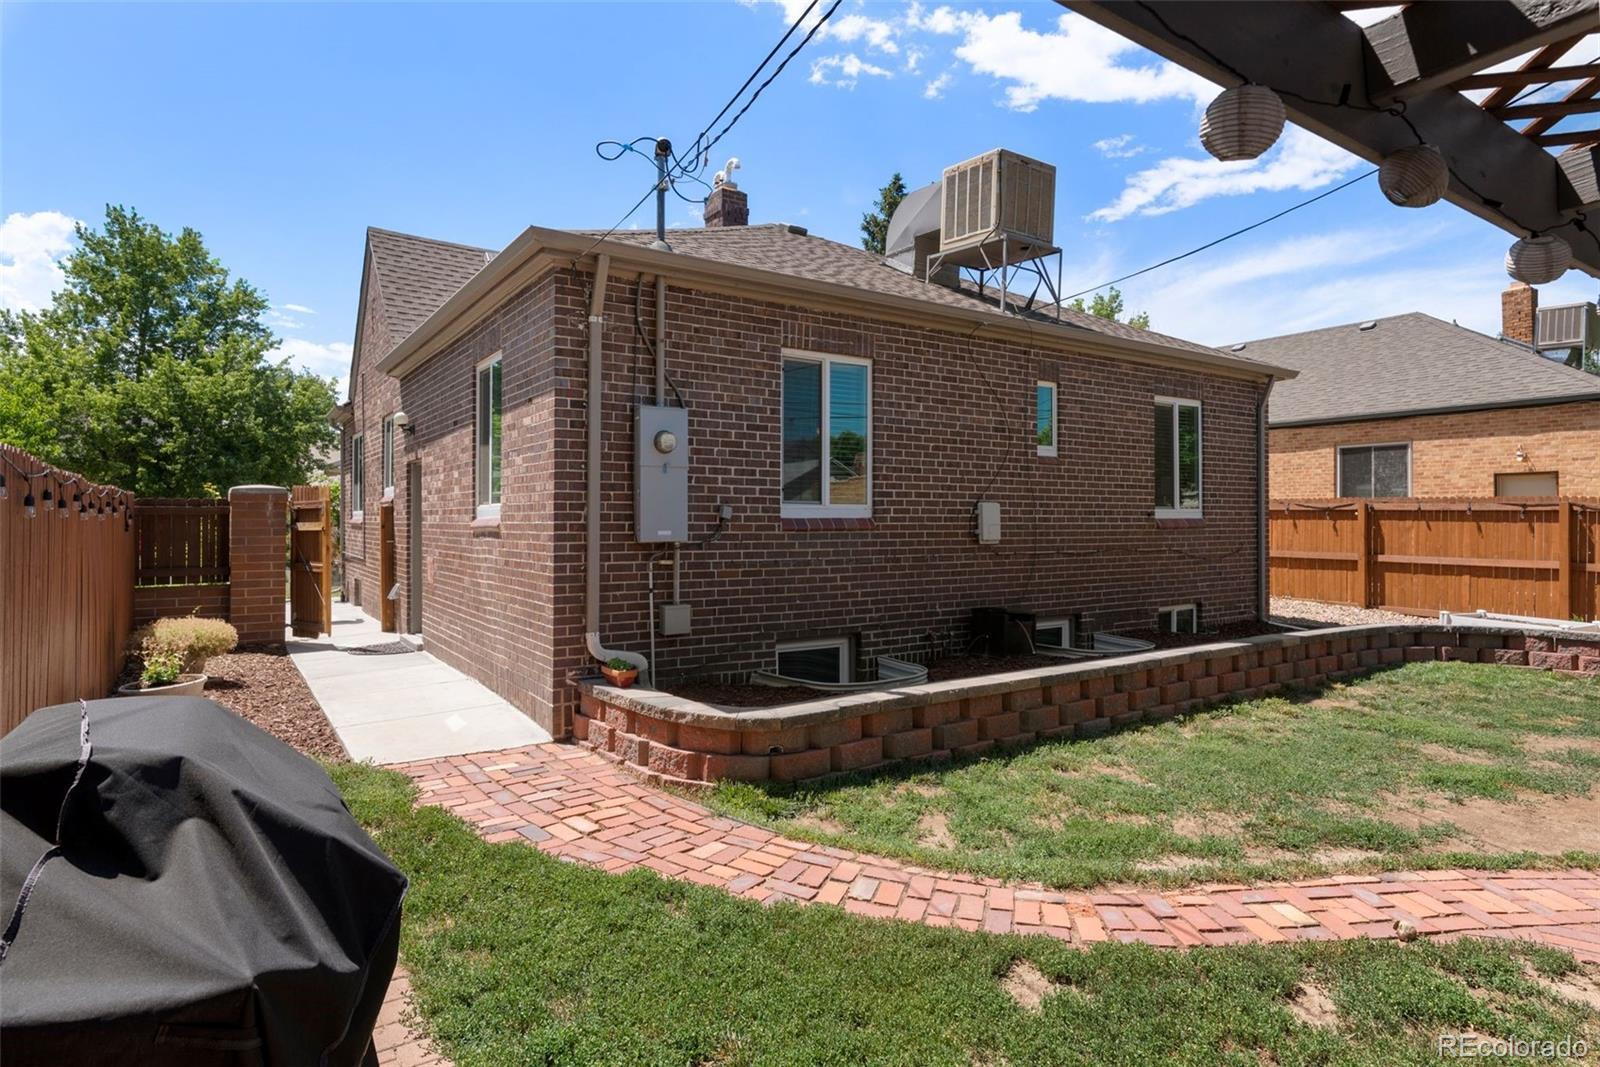 MLS# 4638572 - 30 - 1410 N Raleigh Street, Denver, CO 80204